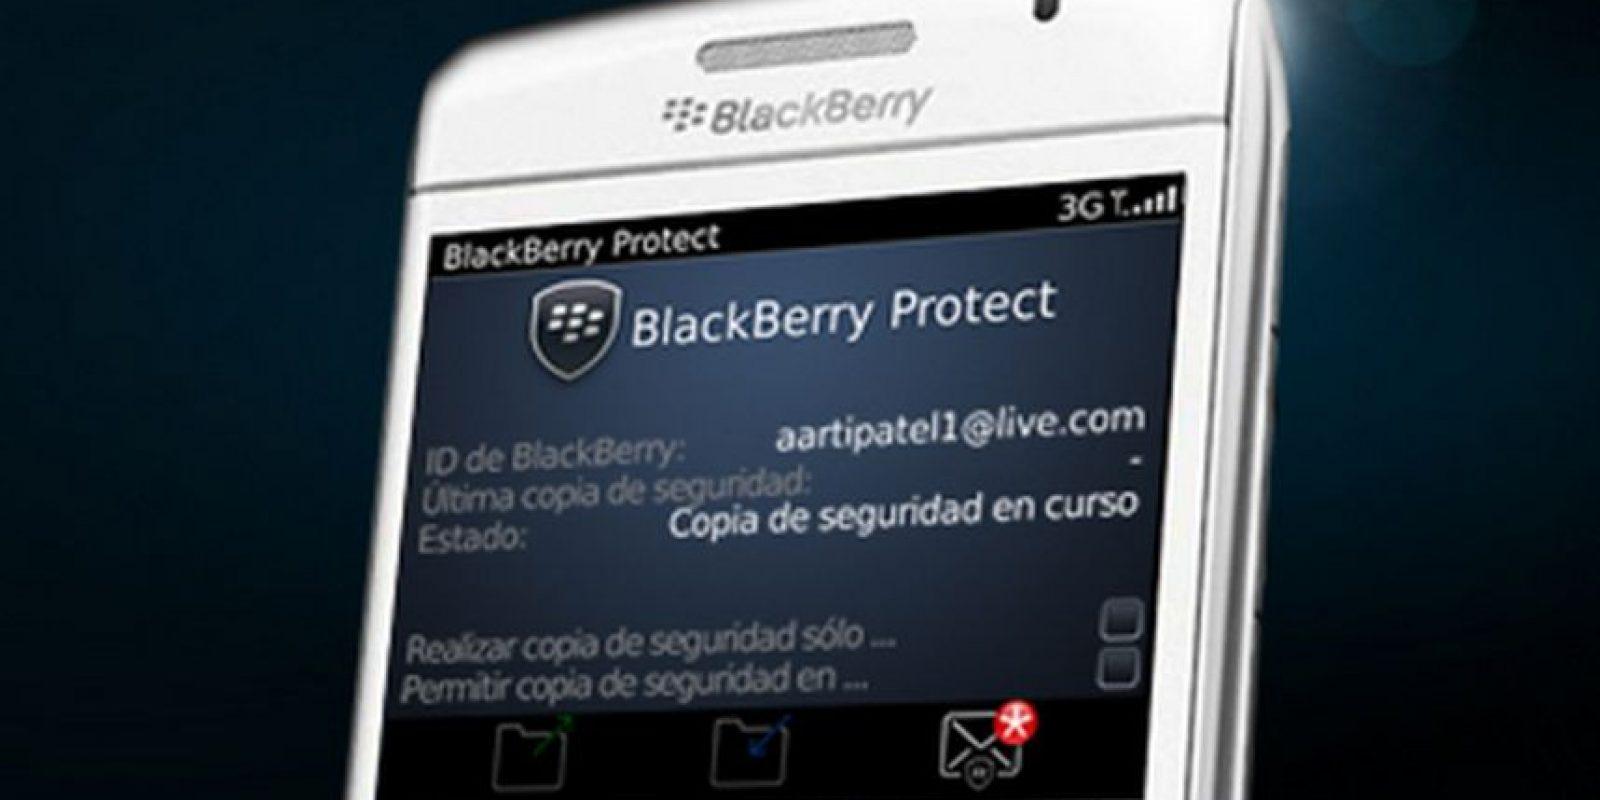 Blacberry Protect es exclusiva para esta marca y ofrece bloqueo remoto del dispositivo, pantalla de bloqueo, activación remota del timbre alto, copia de seguridad y restauración de manera inalámbrica Foto:Blackberry